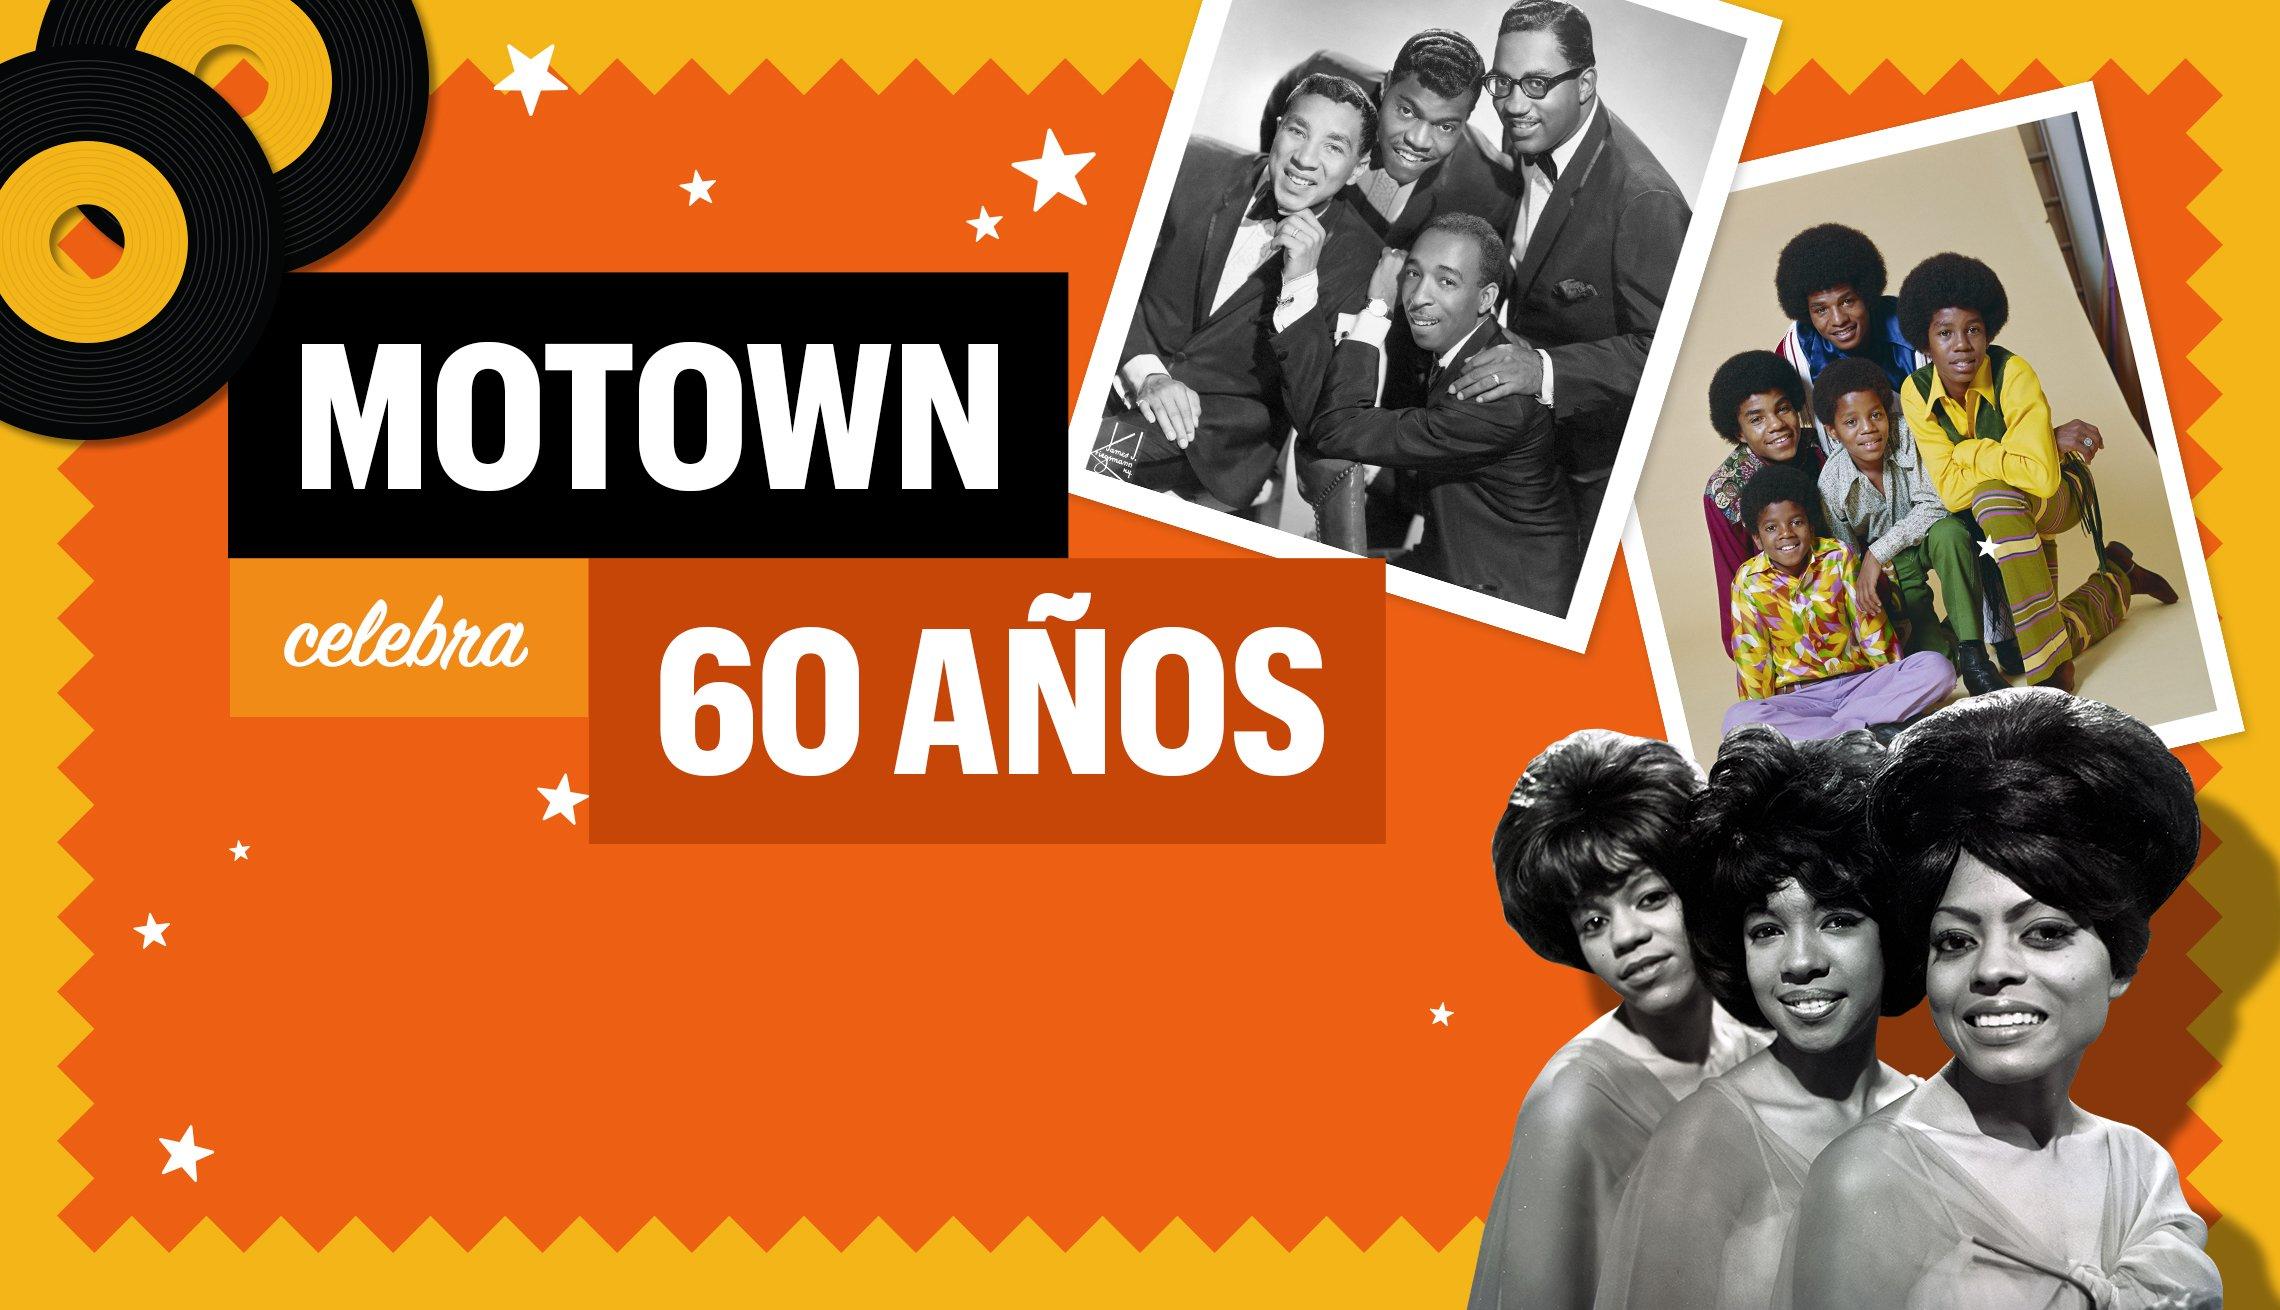 Gráfica Motown celebra 60 años